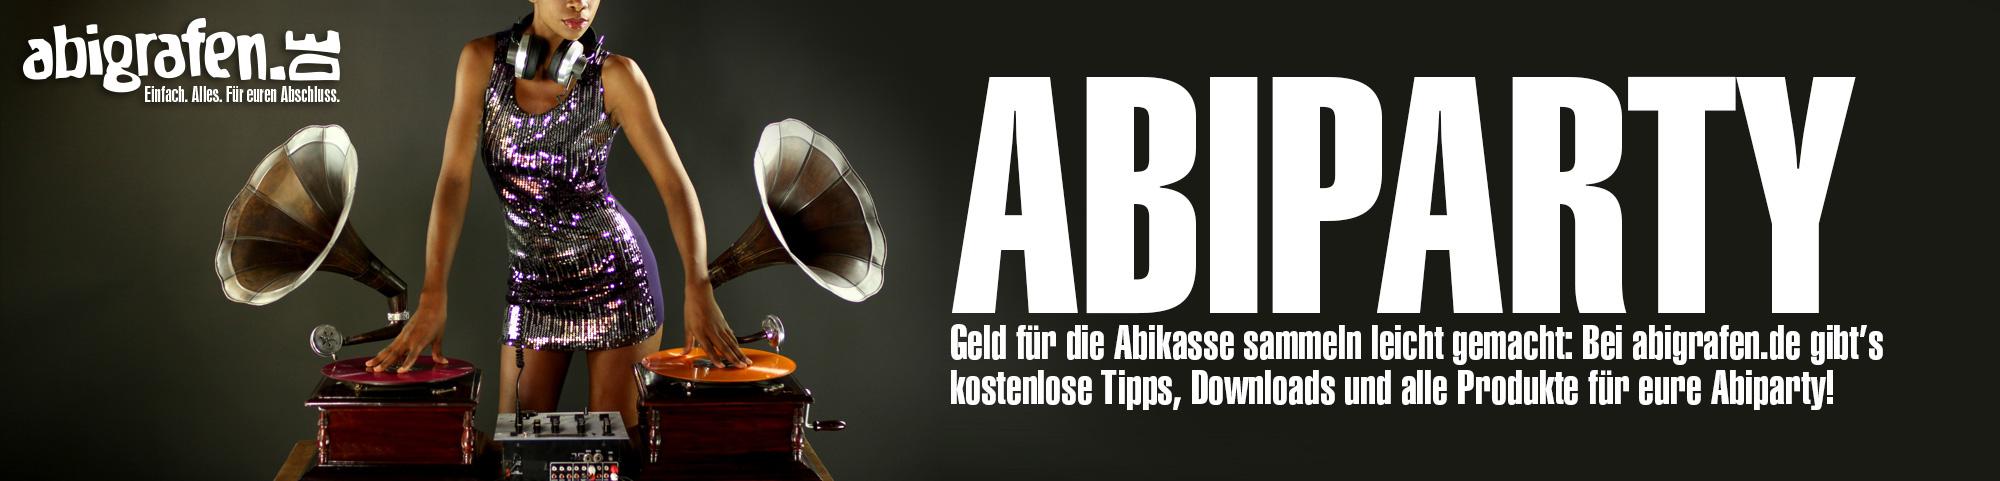 Abishop: Produkte für die Abiparty – abigrafen.de